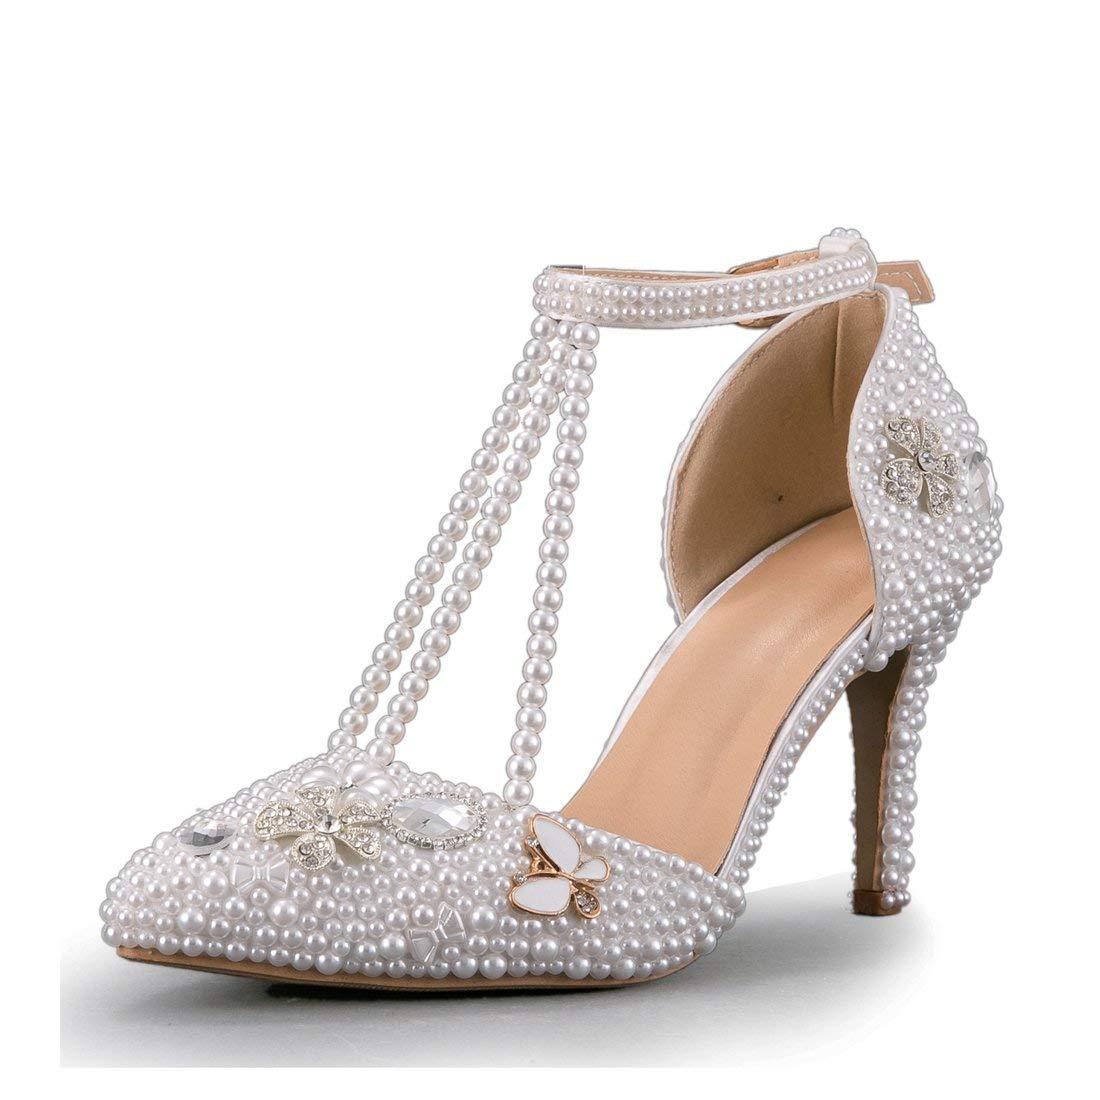 HhGold Damen Jem Perlen T-Strap High Heel Braut Hochzeit Pumps (Farbe   Weiß-9cm Heel, Größe   7 UK)